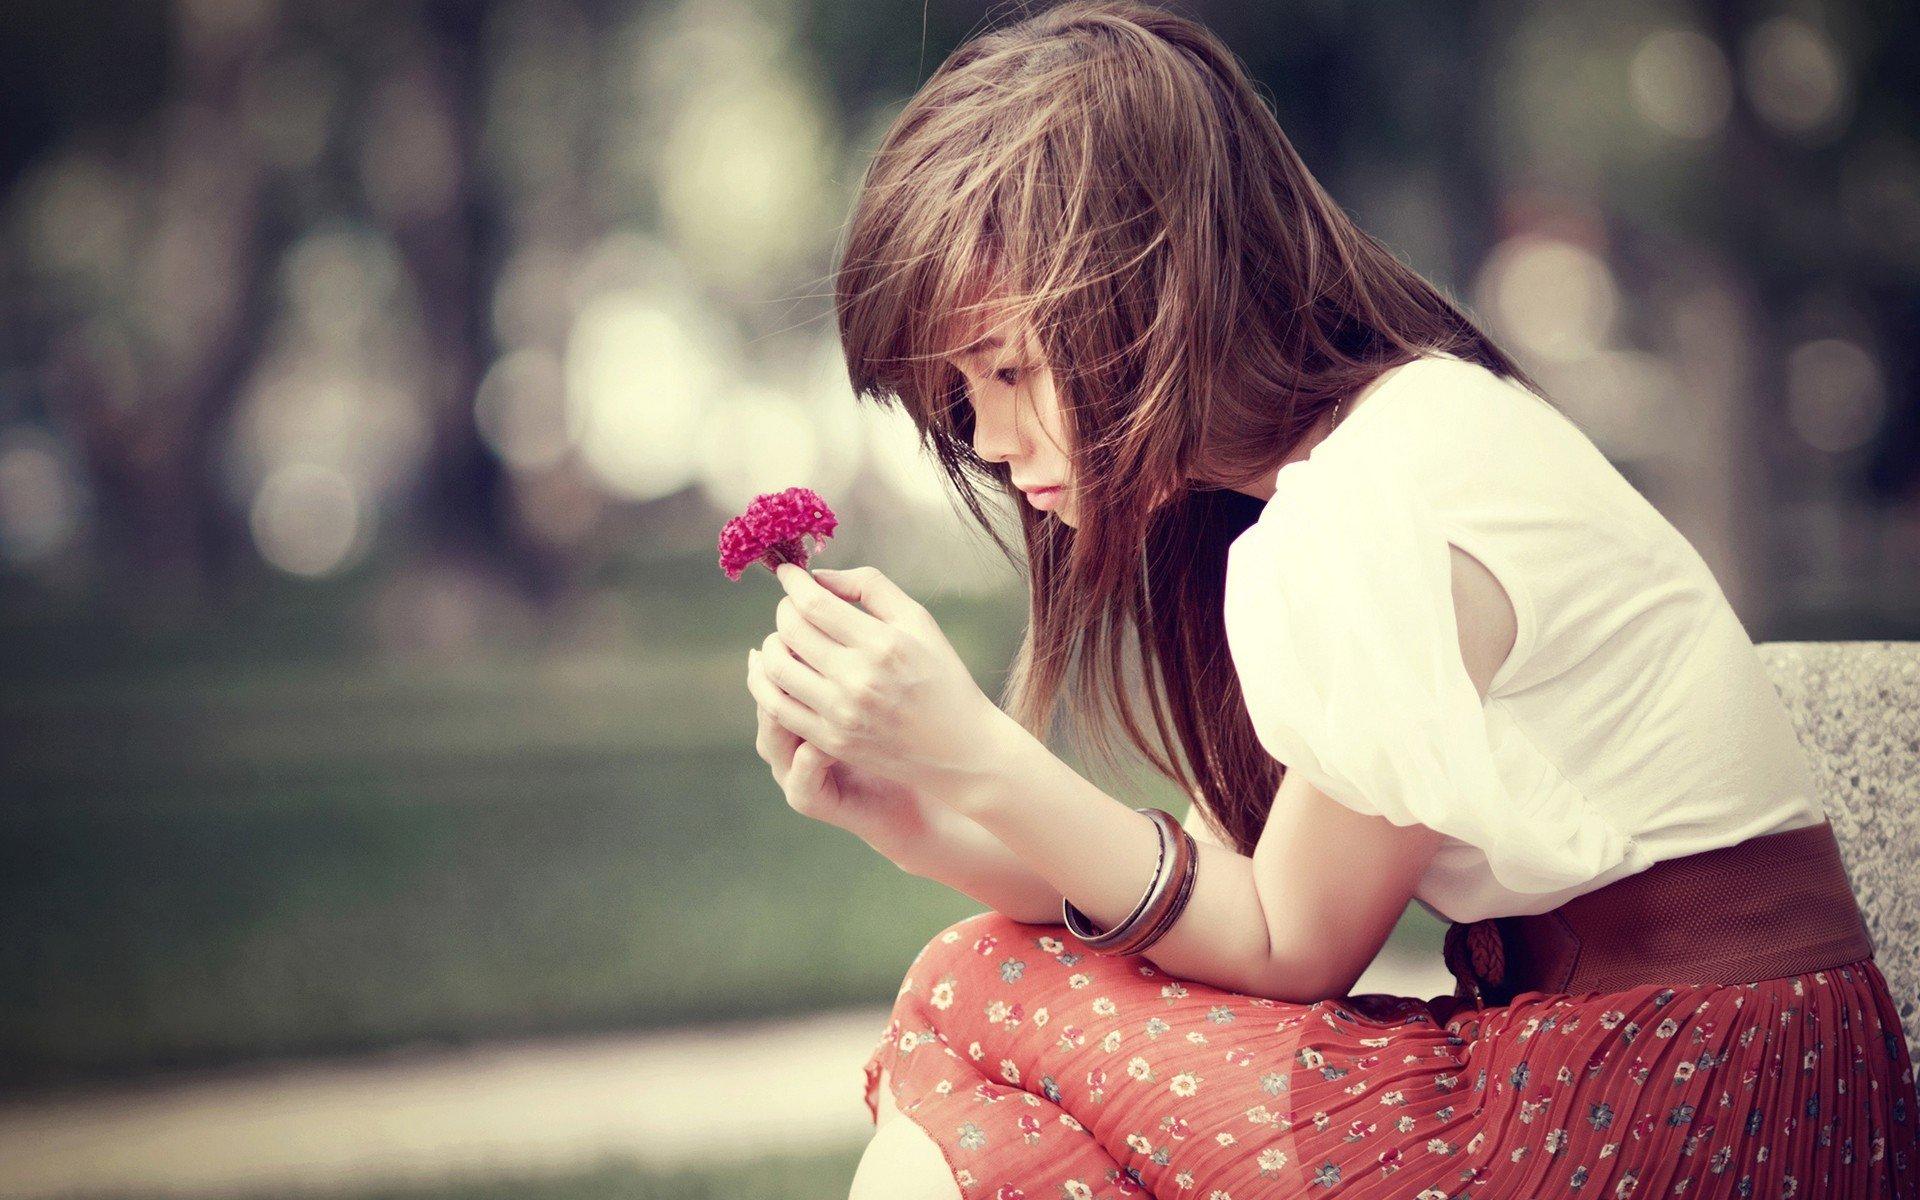 Картинки на аву про любовь грустные для девушек с надписями